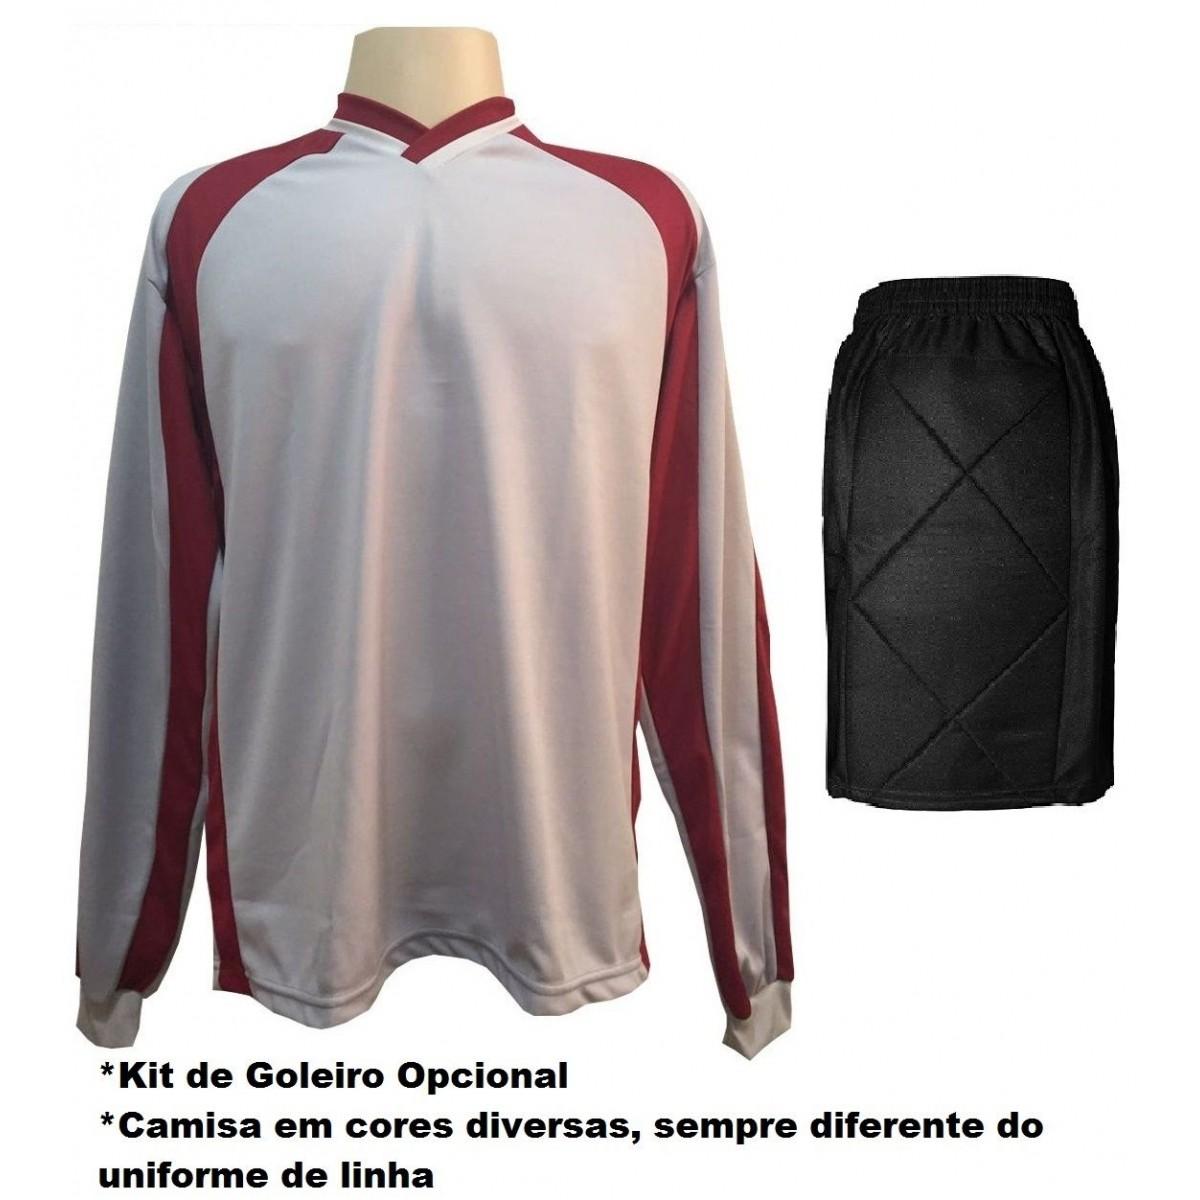 Uniforme Esportivo com 18 Camisas modelo Milan Verde/Branco + 18 Calções modelo Copa Verde/Branco + Brindes